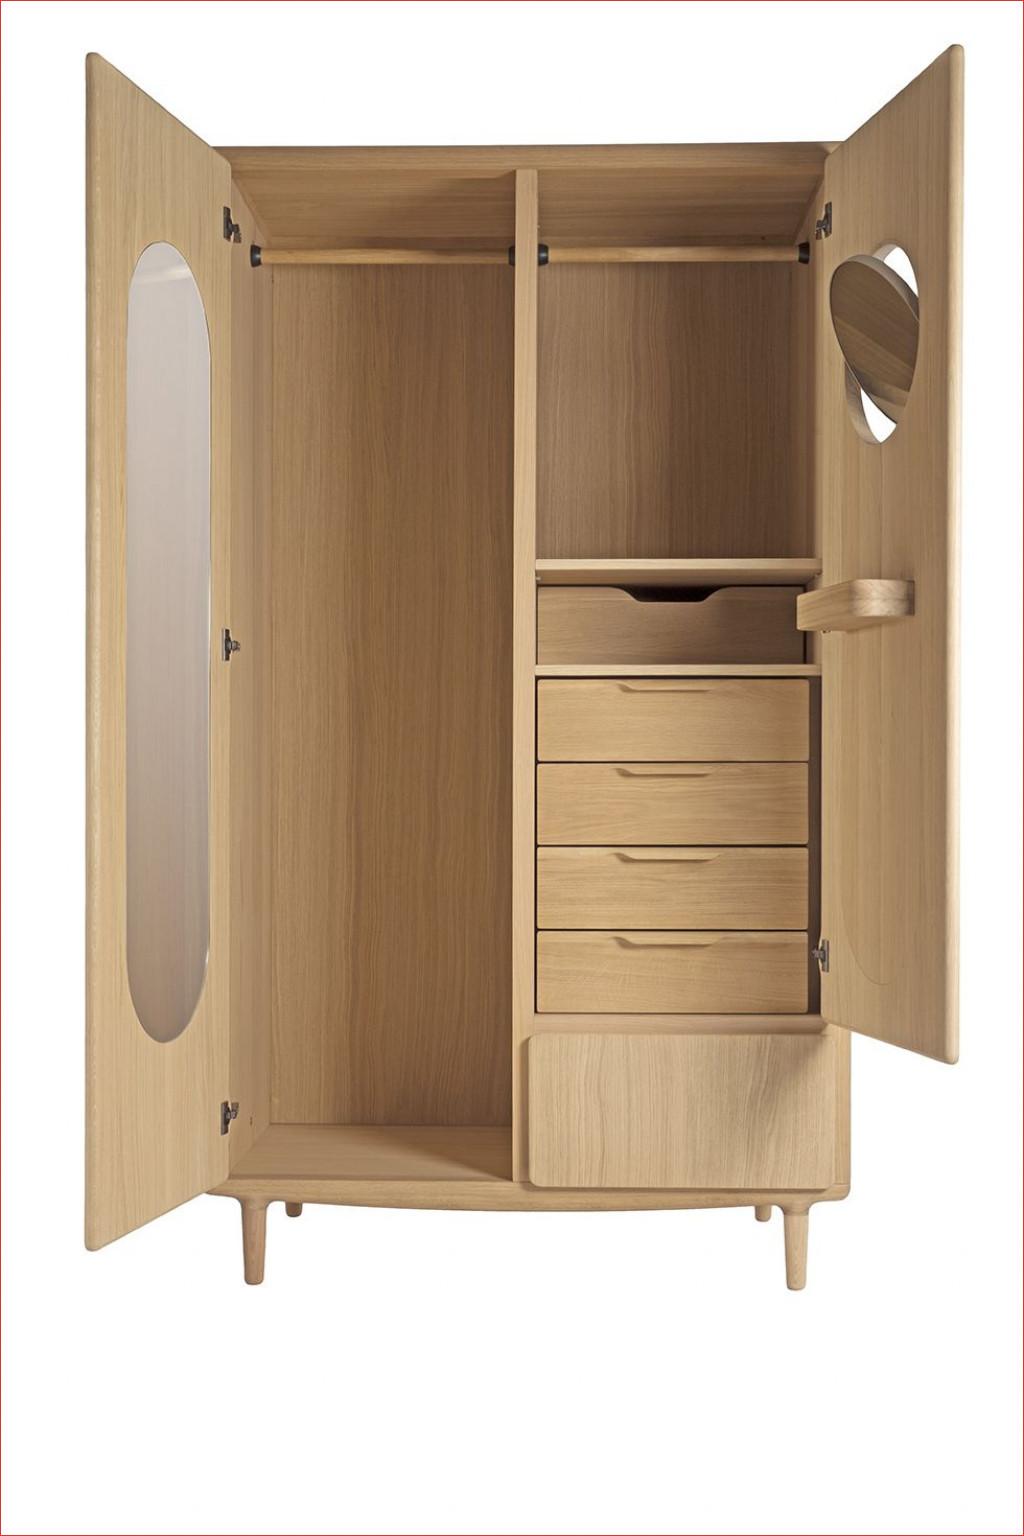 Full Size of Ikea Hack Garderobe Sofa Mit Schlaffunktion Küche Kosten Betten Bei Aufbewahrungssystem Aufbewahrungsbehälter Aufbewahrung 160x200 Bett Modulküche Kaufen Wohnzimmer Ikea Hacks Aufbewahrung